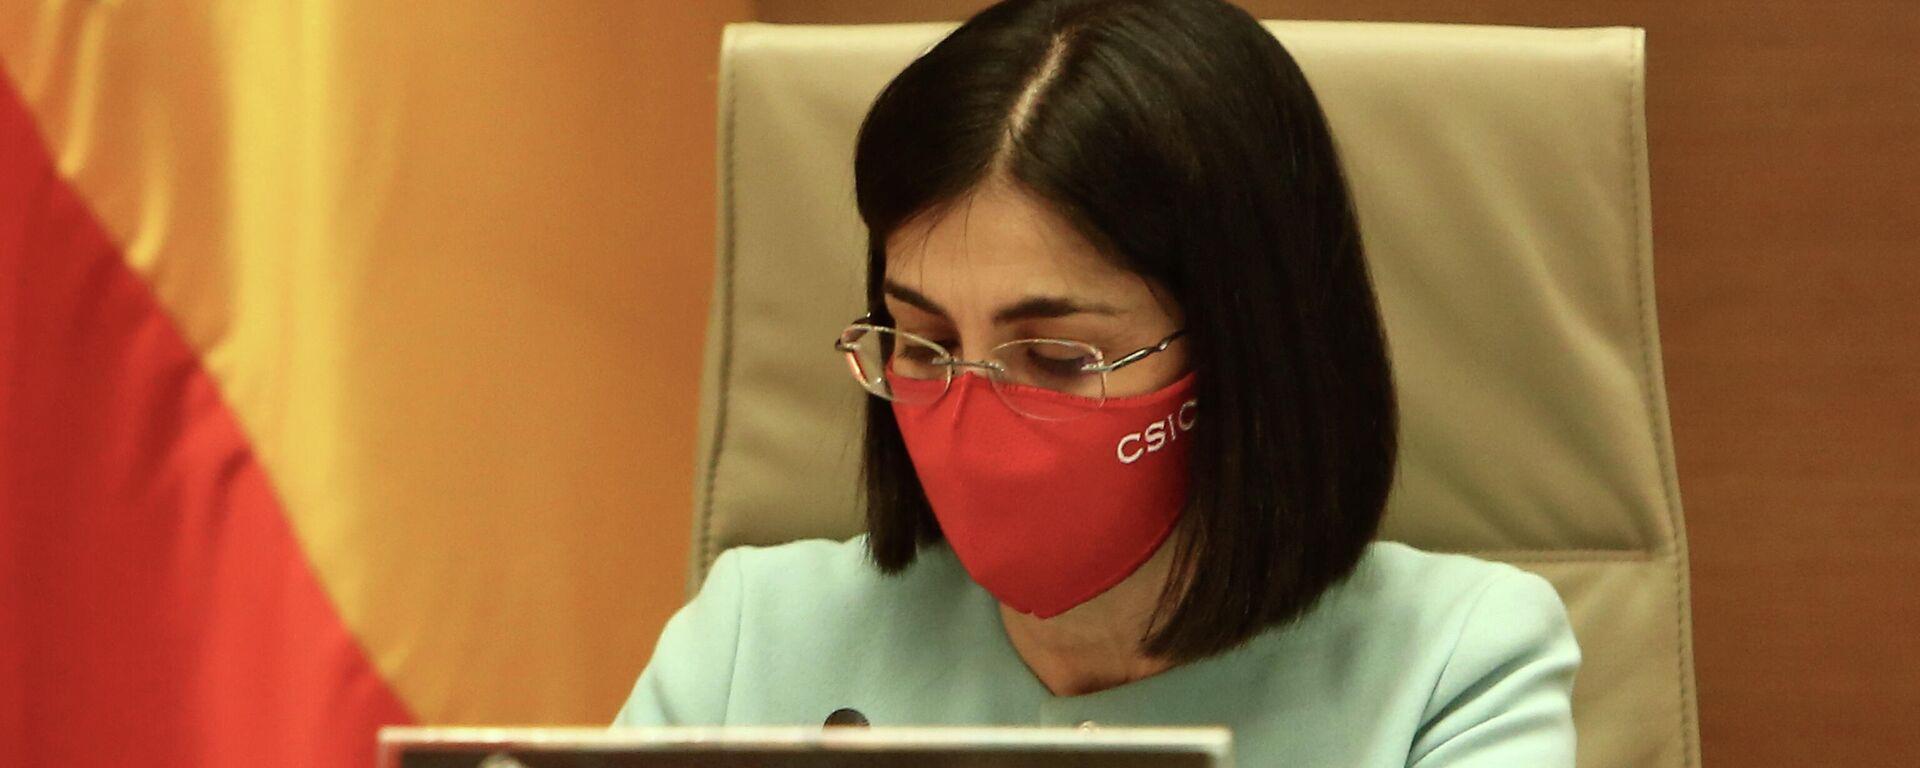 La ministra de Sanidad, Carolina Darias, durante la Comisión de Sanidad del Congreso del 25 de marzo de 2021 - Sputnik Mundo, 1920, 29.04.2021